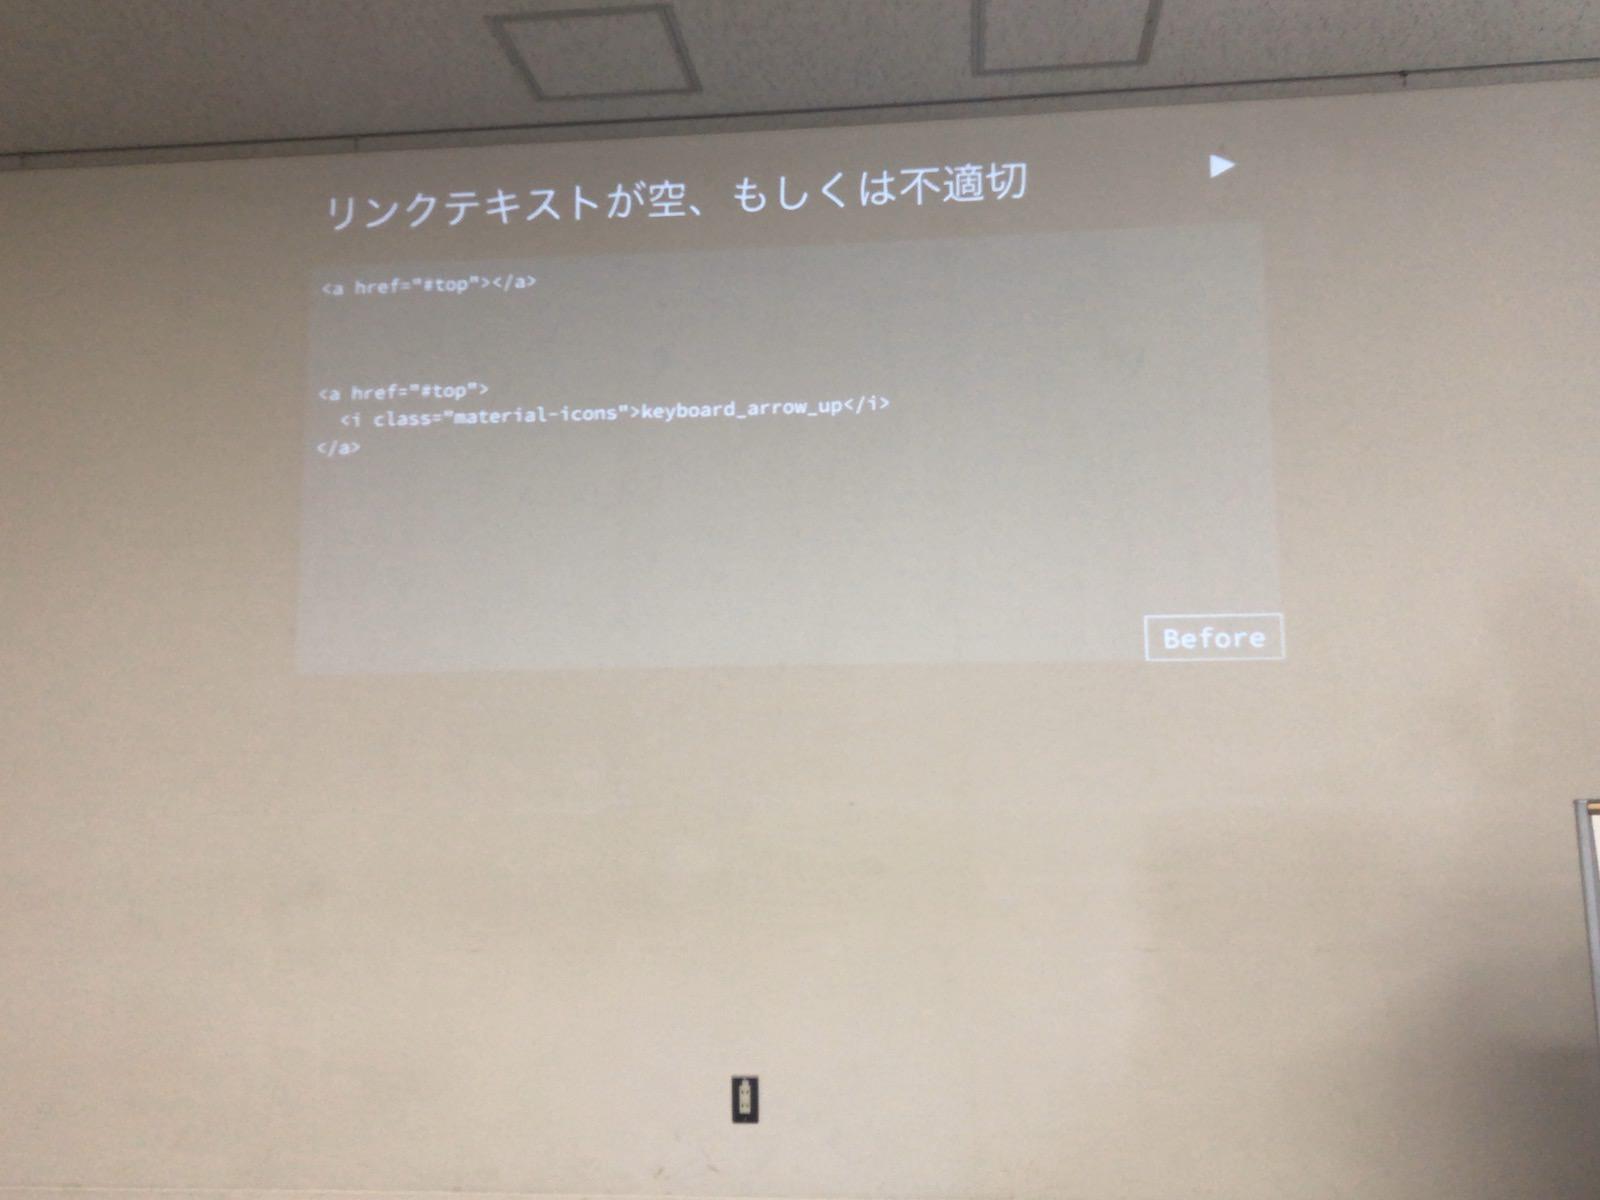 リンクテキストが空、もしくは不適切なコードの例